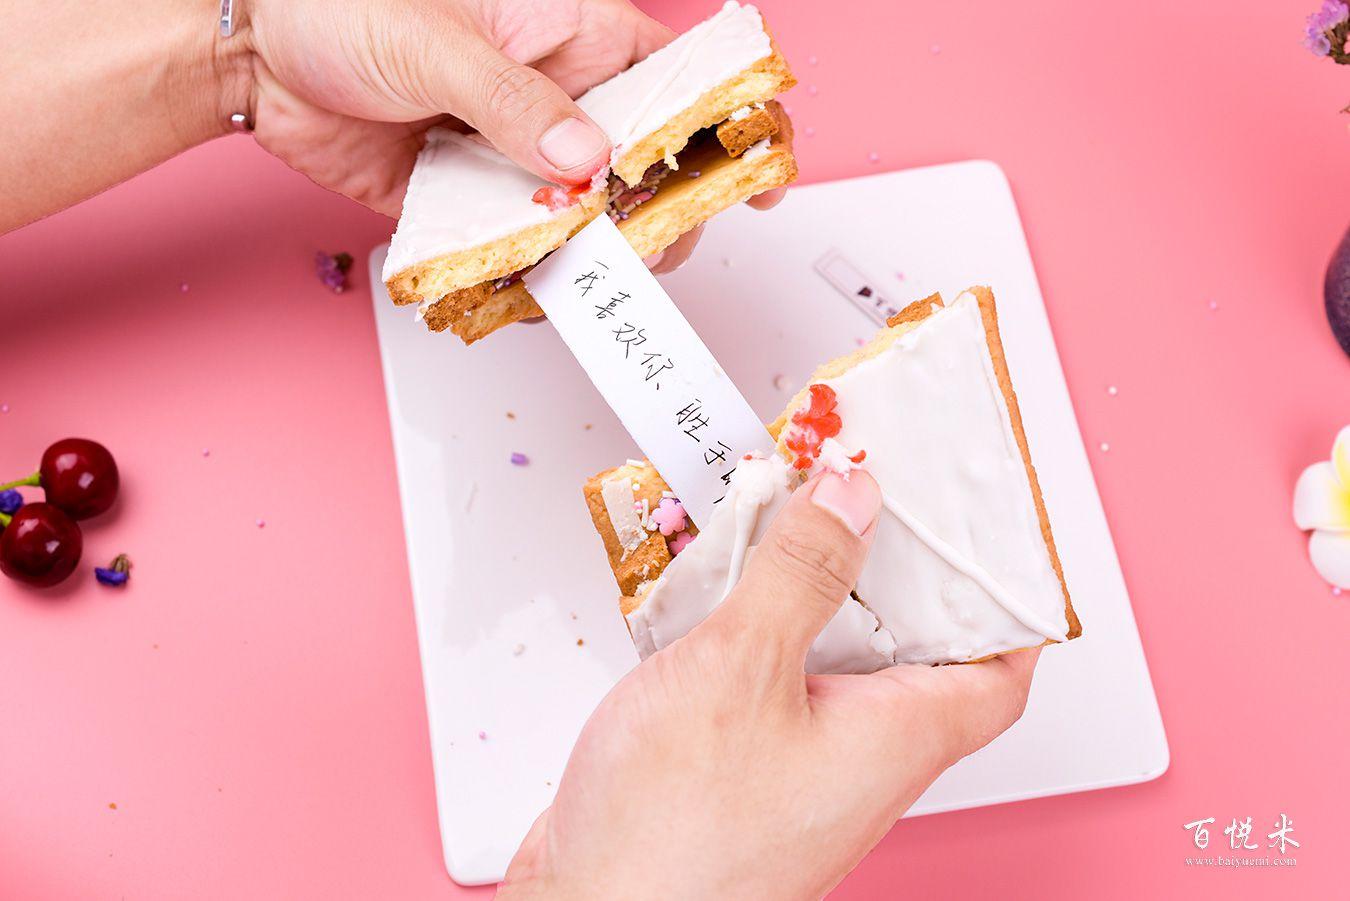 520糖霜饼干高清图片大全【蛋糕图片】_738